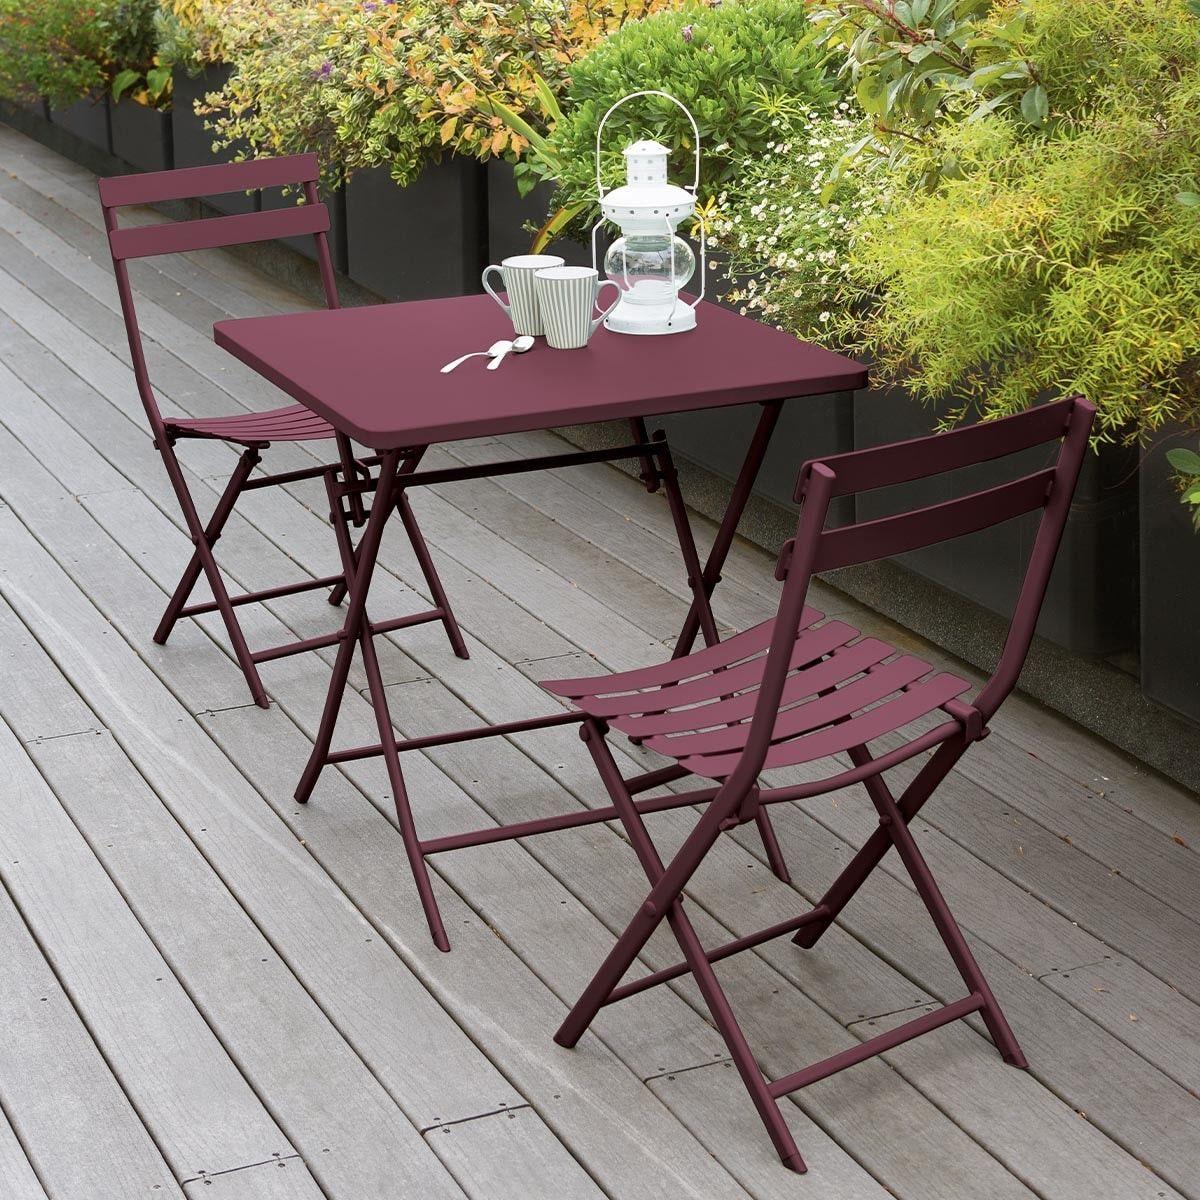 Table De Jardin Pliante Carree Greensboro Bordeaux En 2020 Table De Jardin Pliante Table De Jardin Table De Jardin Carree